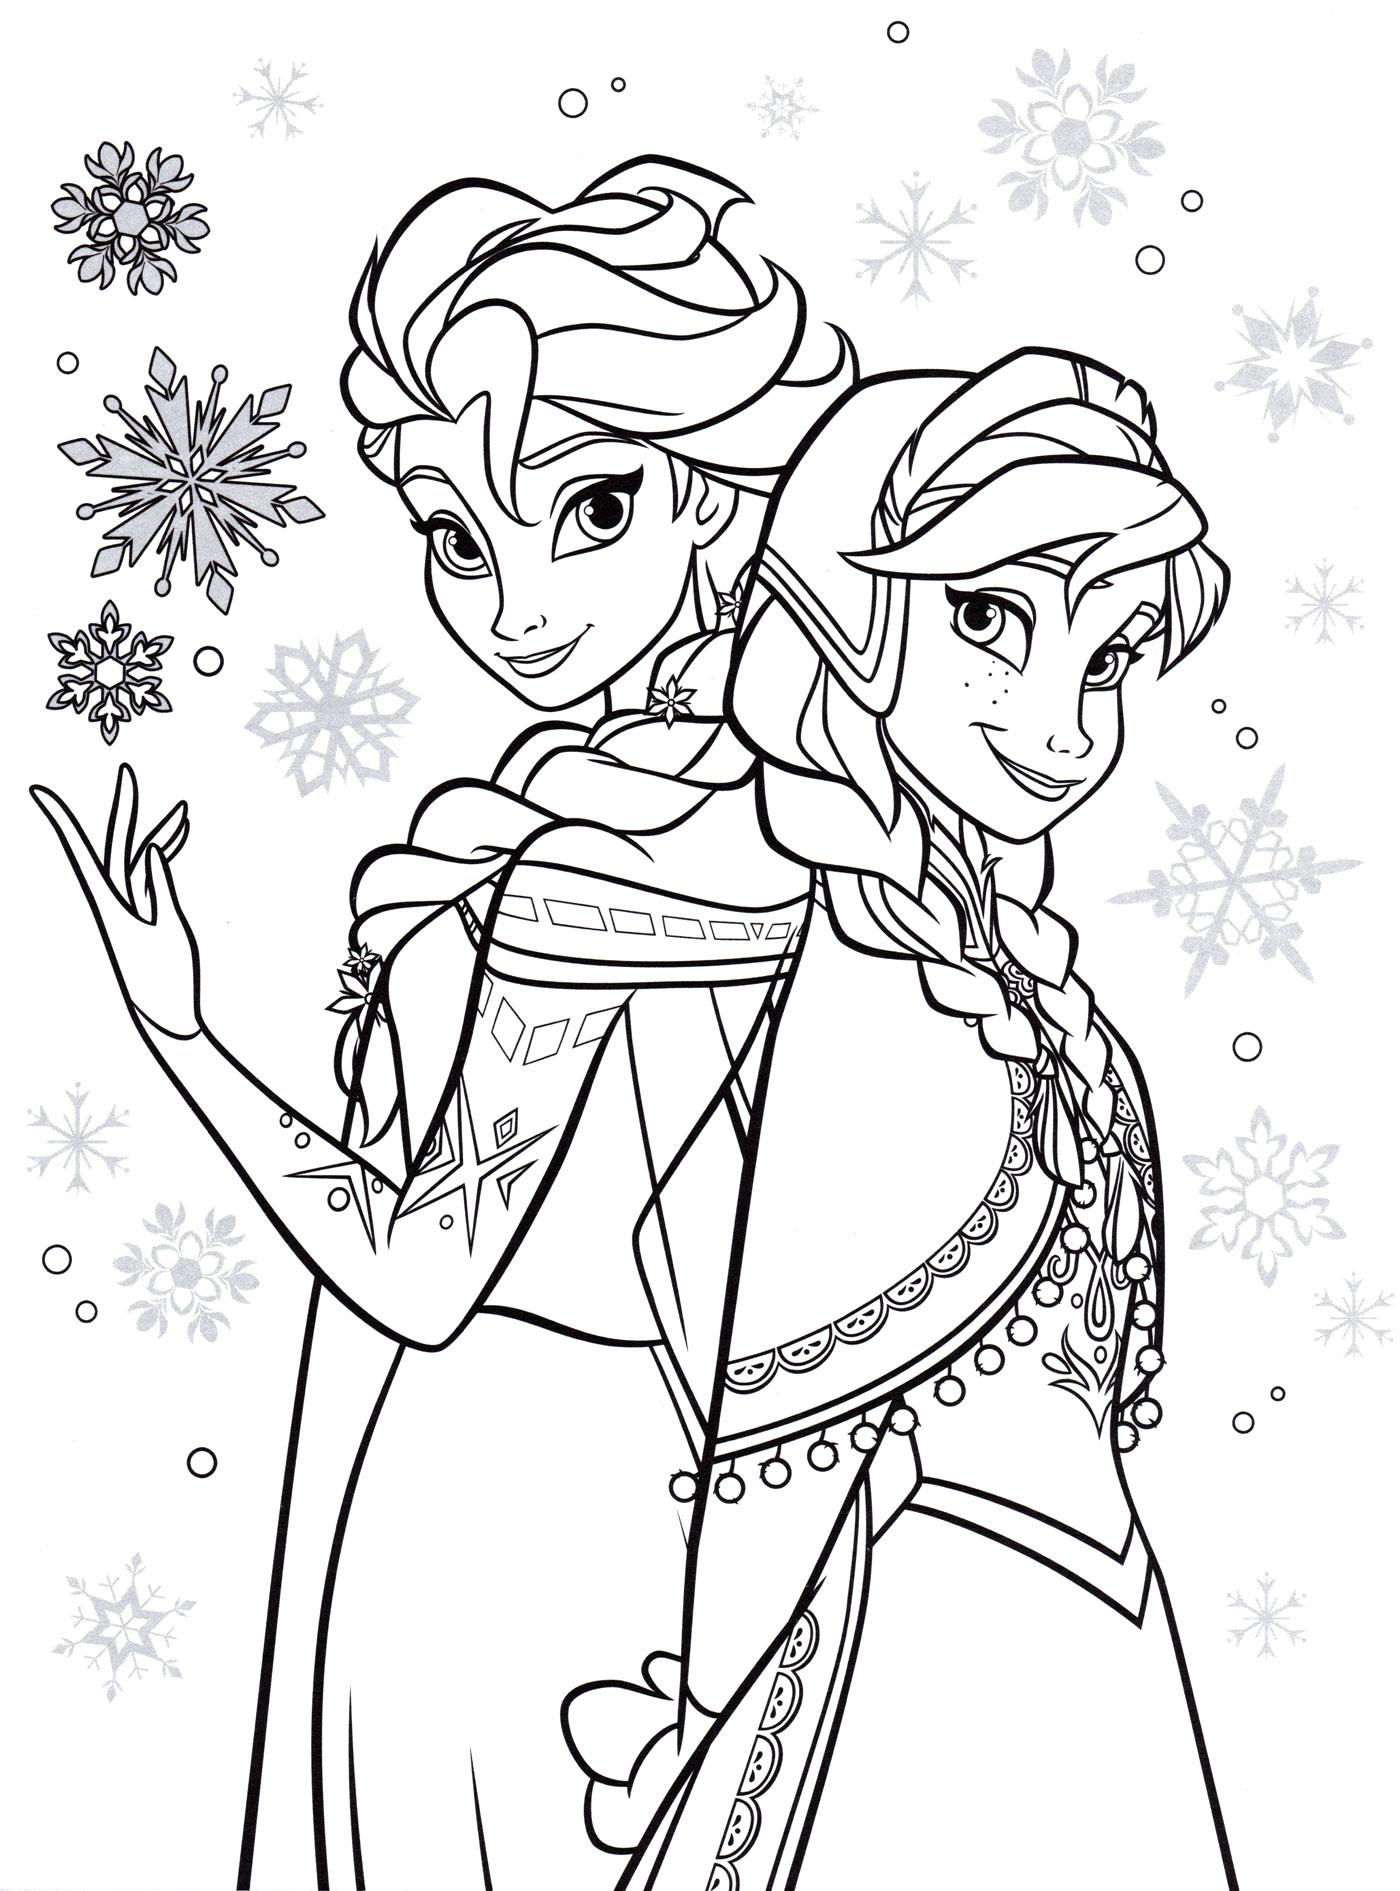 Раскраска Анна, Эльза и ее магия | Раскраски Холодное сердце